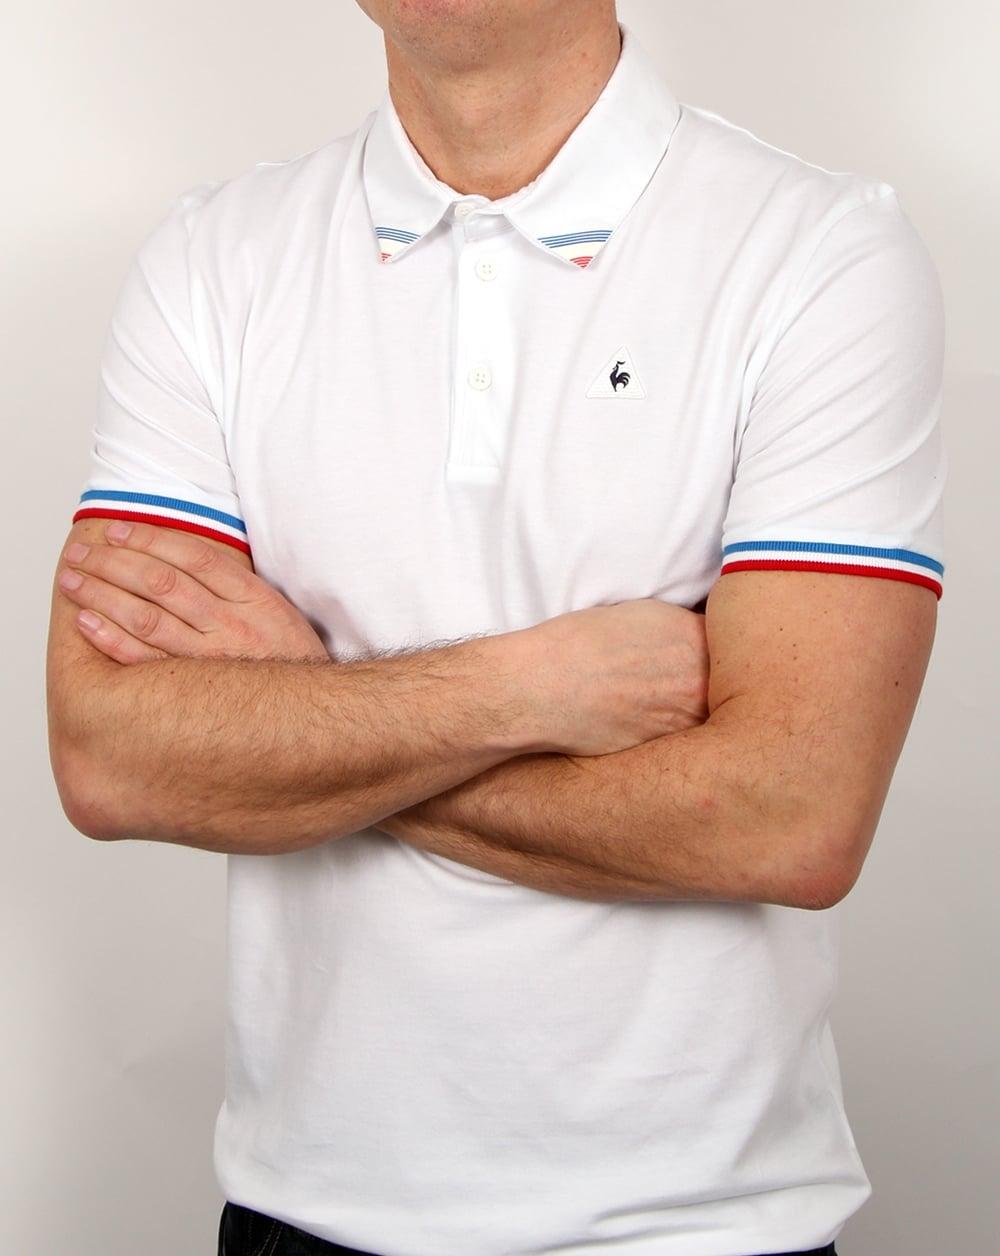 Le Coq Sportif Le Coq Sportif Tricolore Tipped Polo Shirt White 020d659b5